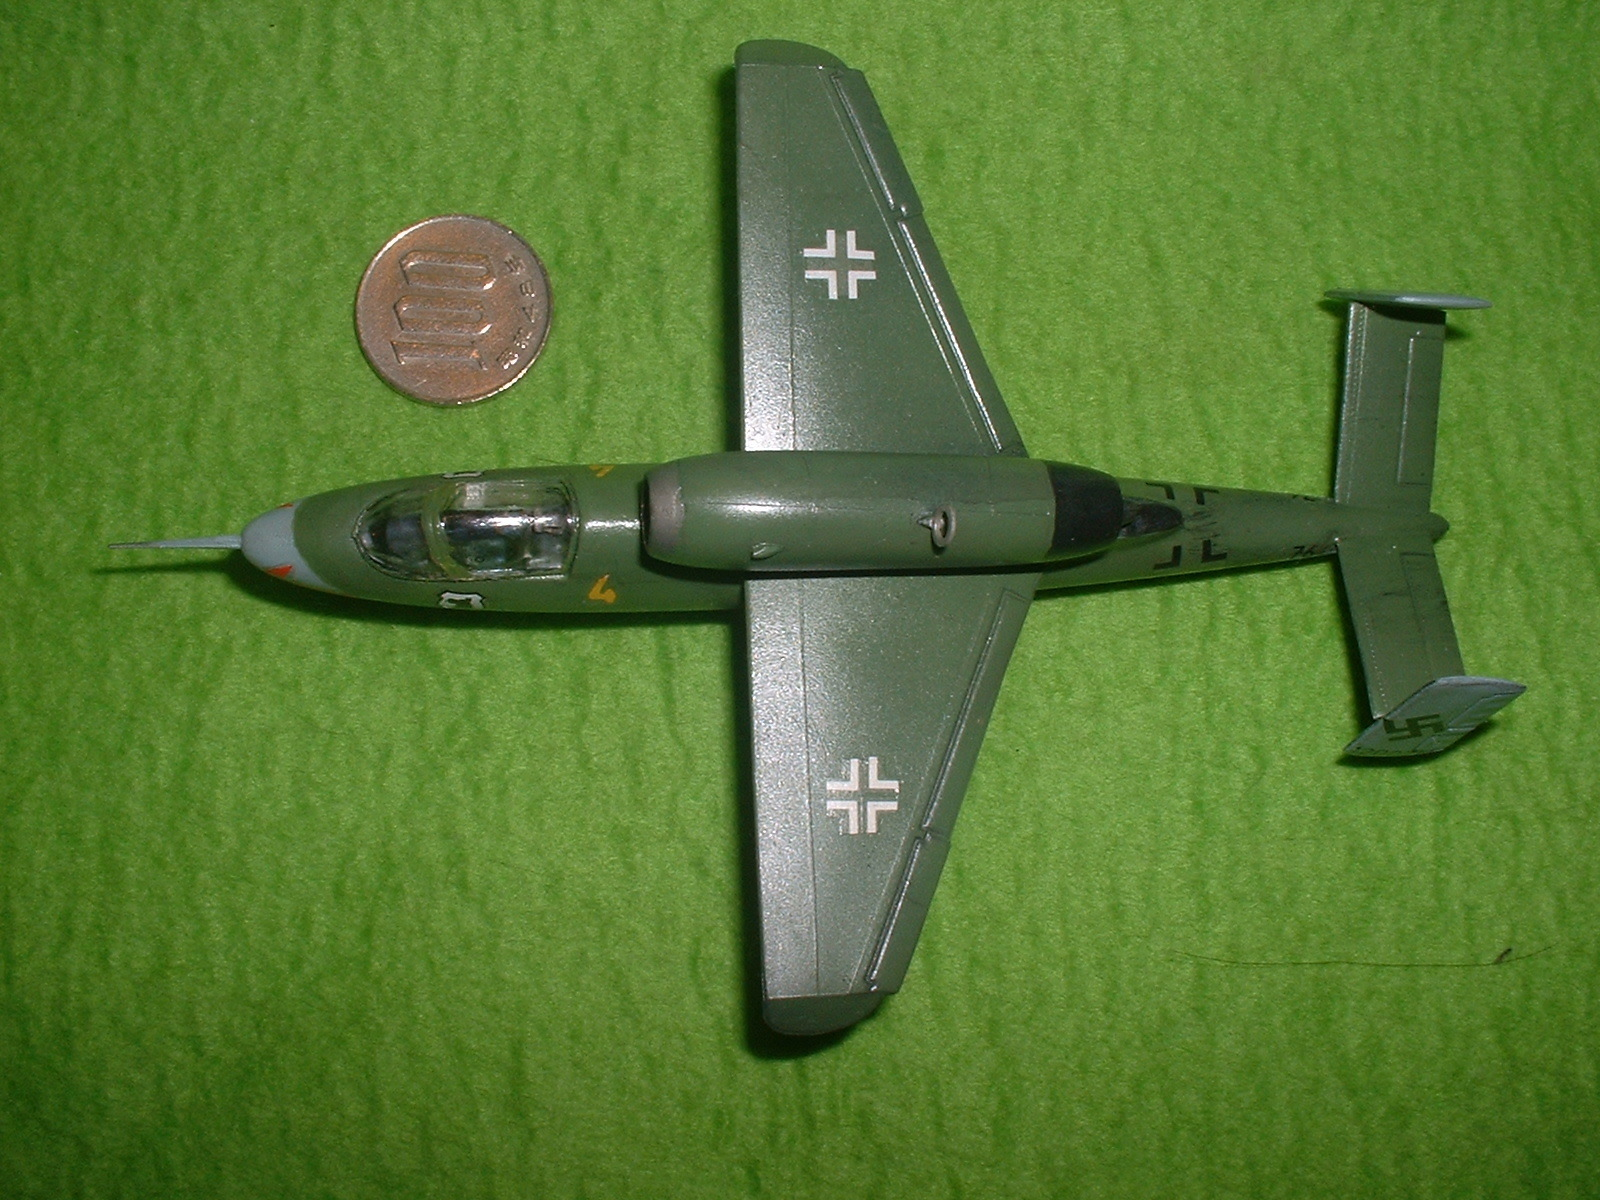 2016年08 月11日完成 リンドバーク72分の1「ハインケル He162 」その2.JPG